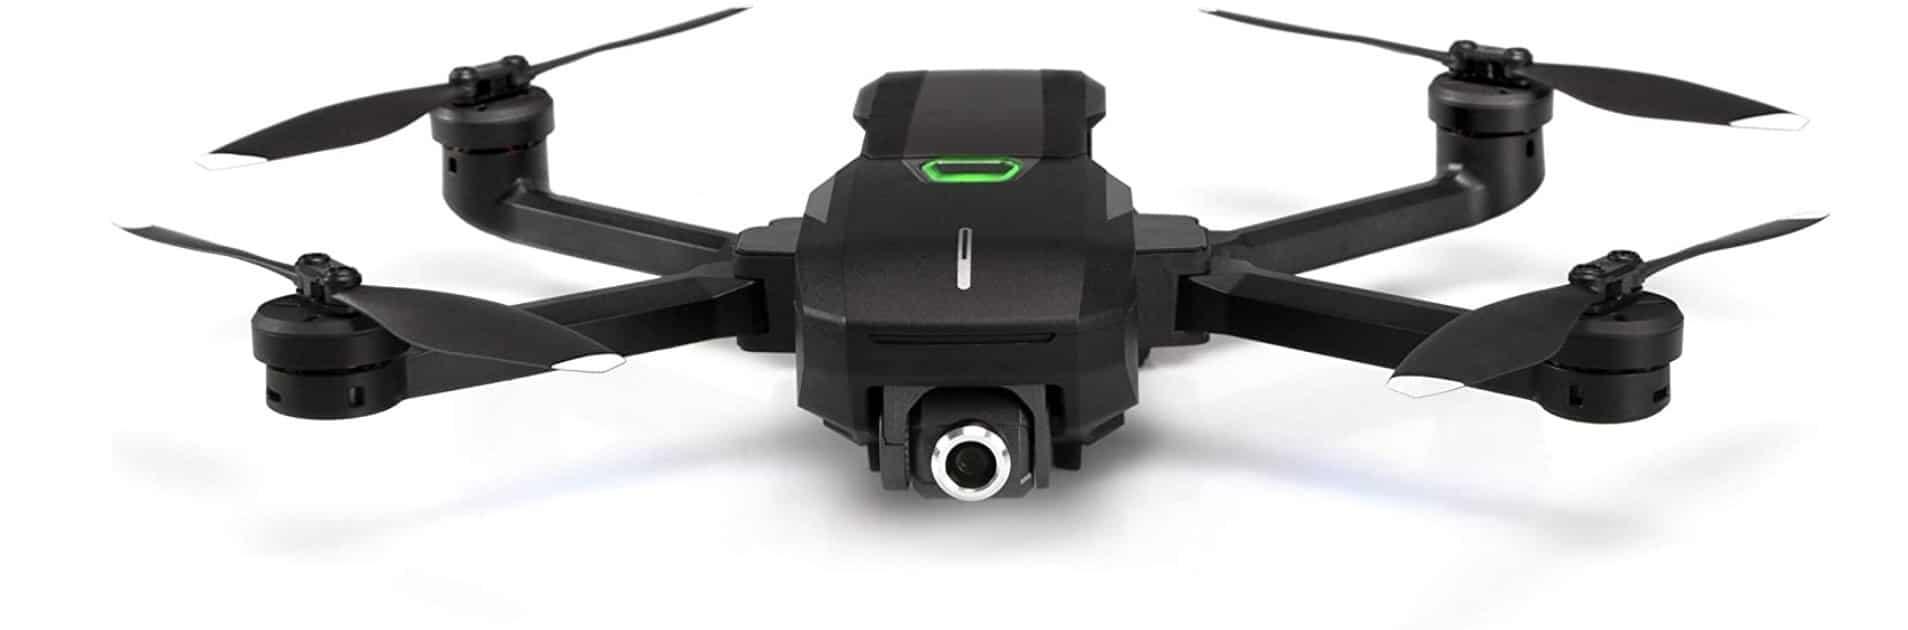 Yuneec Mantis Q meilleur drone qualité prix 2020